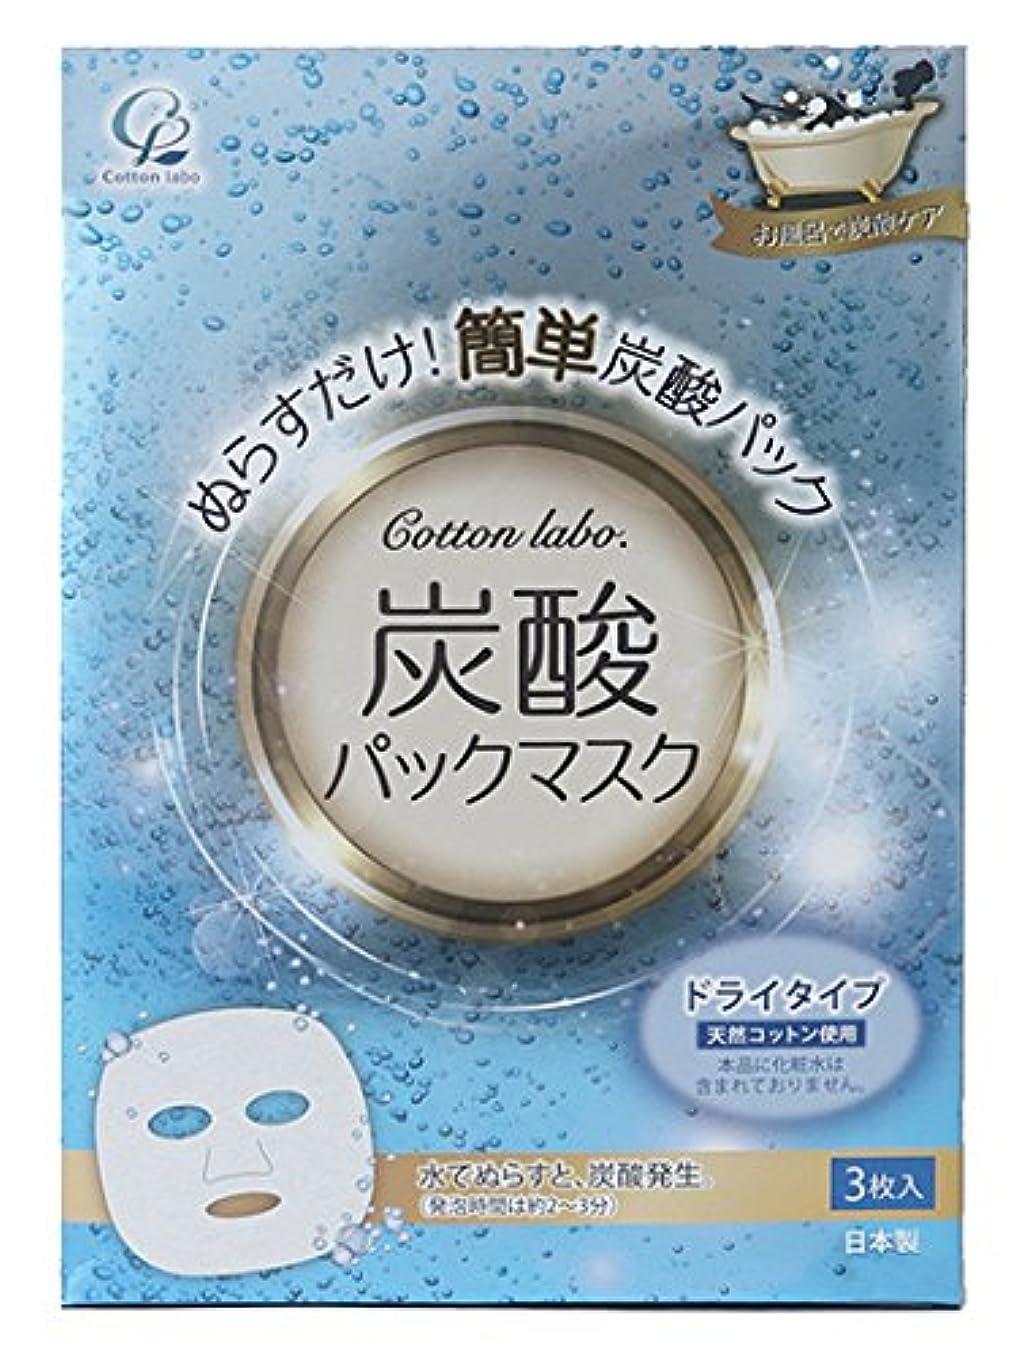 ペット含むつかの間皮膚を清浄にし 肌にはりと潤いを与える お風呂で炭酸ケア 天然コットン 炭酸パックマスク 3枚 120入(3合)